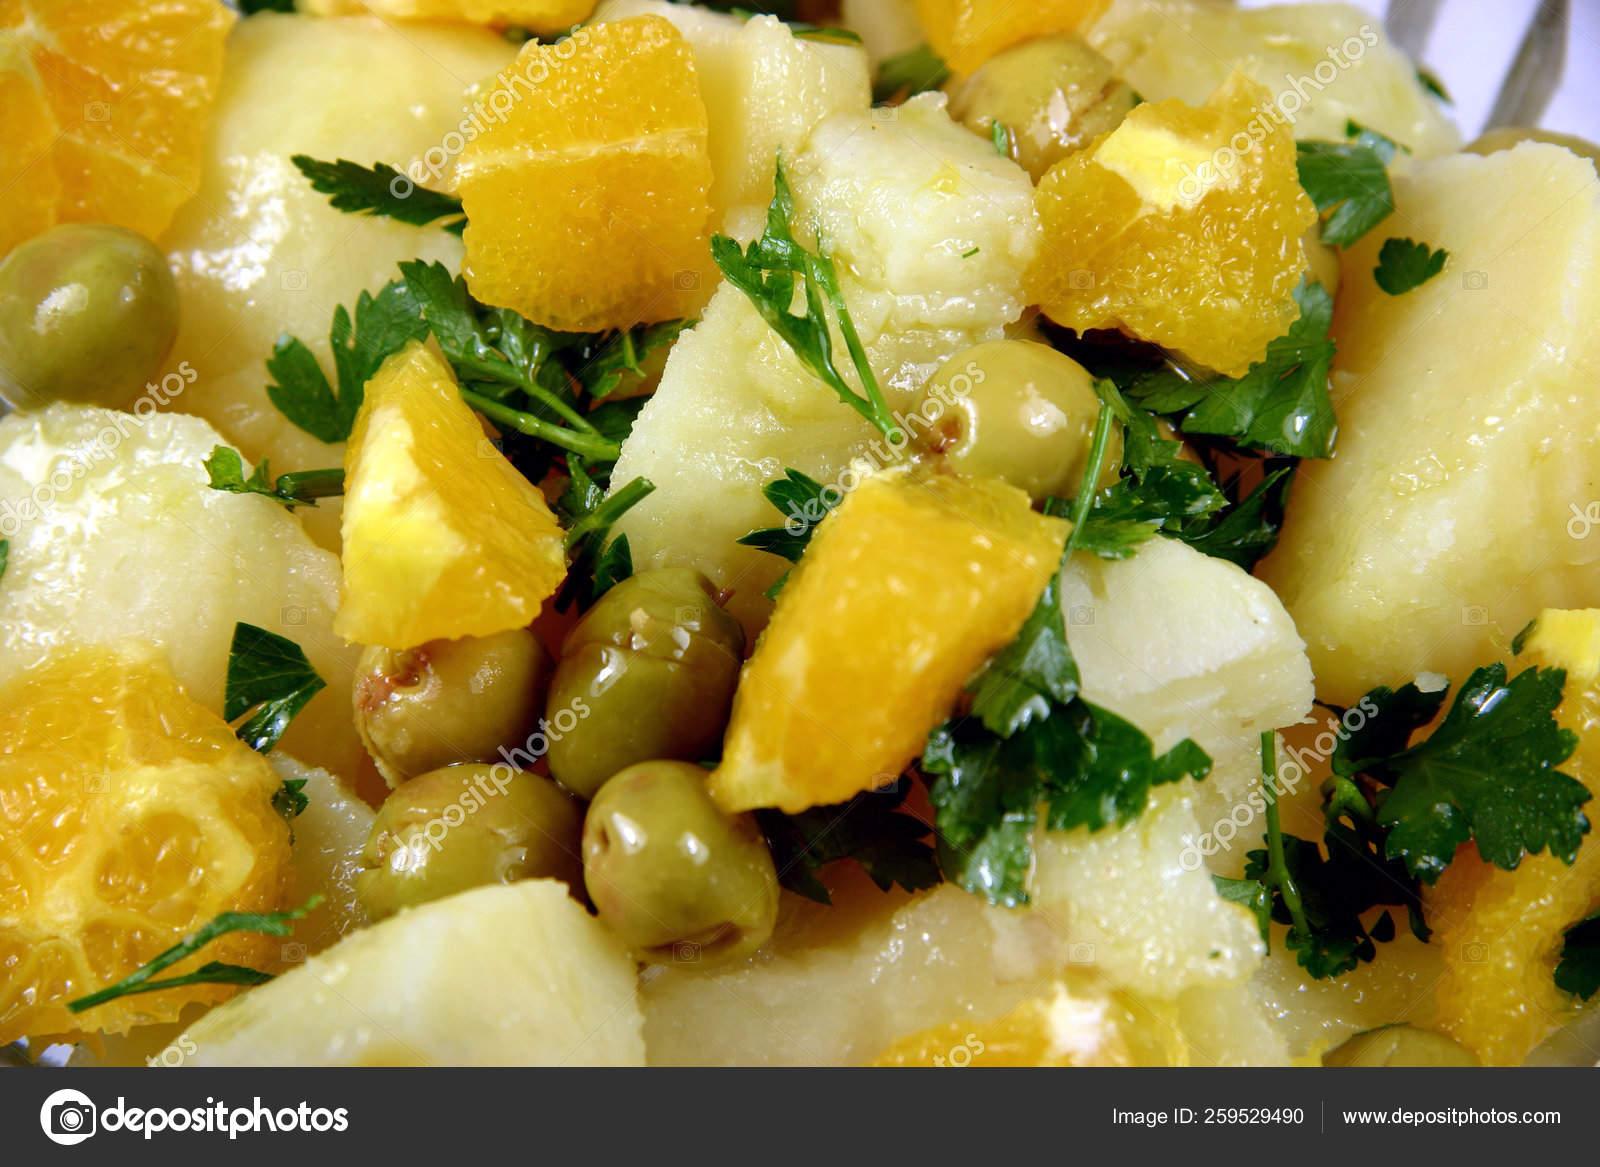 Spanish Salad Potatoe Orange Cod Onion Olives Stock Photo C Yayimages 259529490